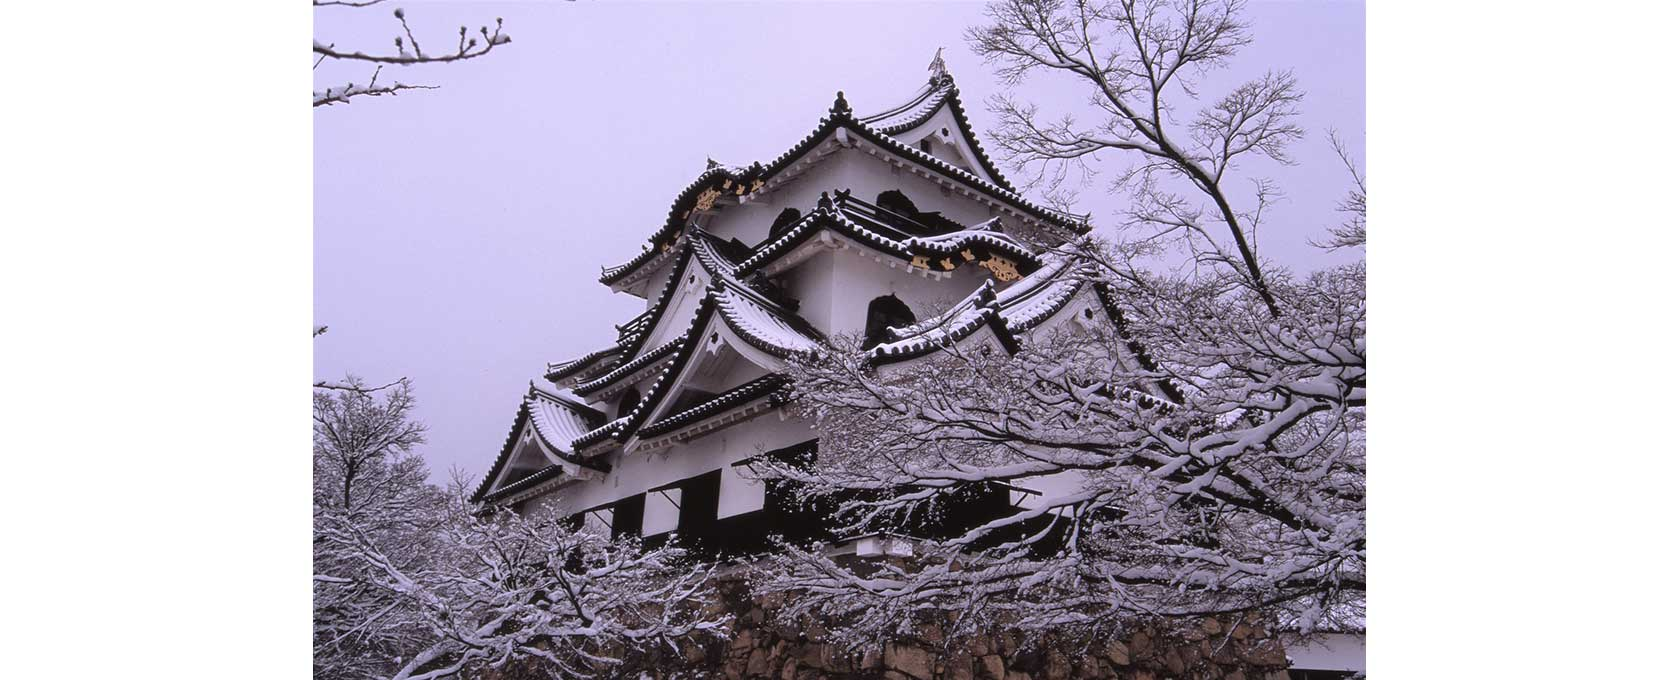 冬化粧の彦根城